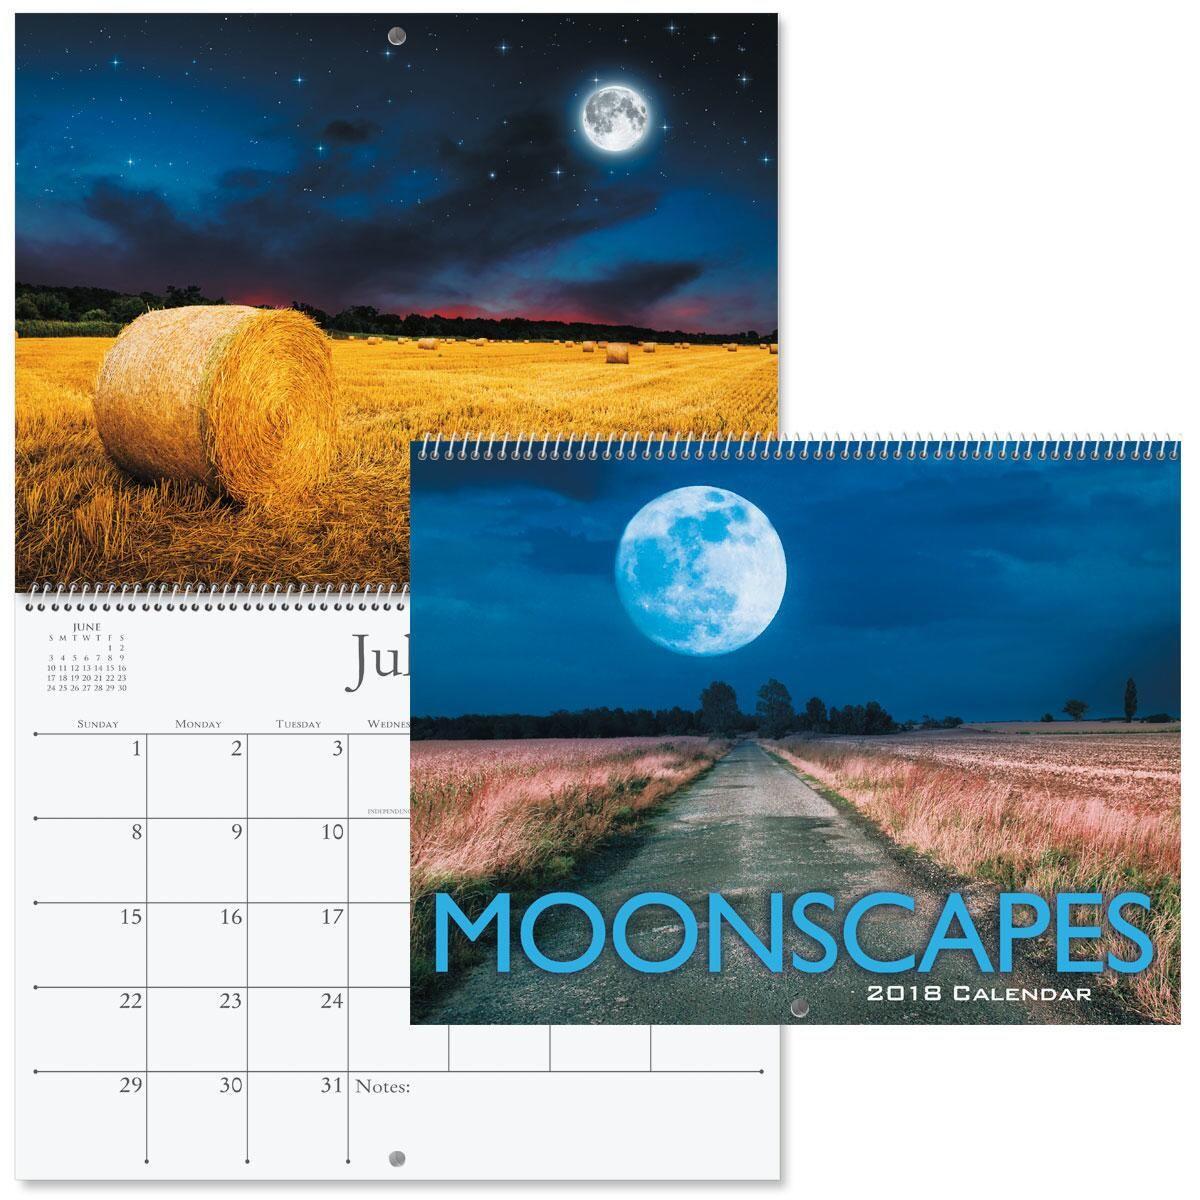 2018 Moonscapes Wall Calendar